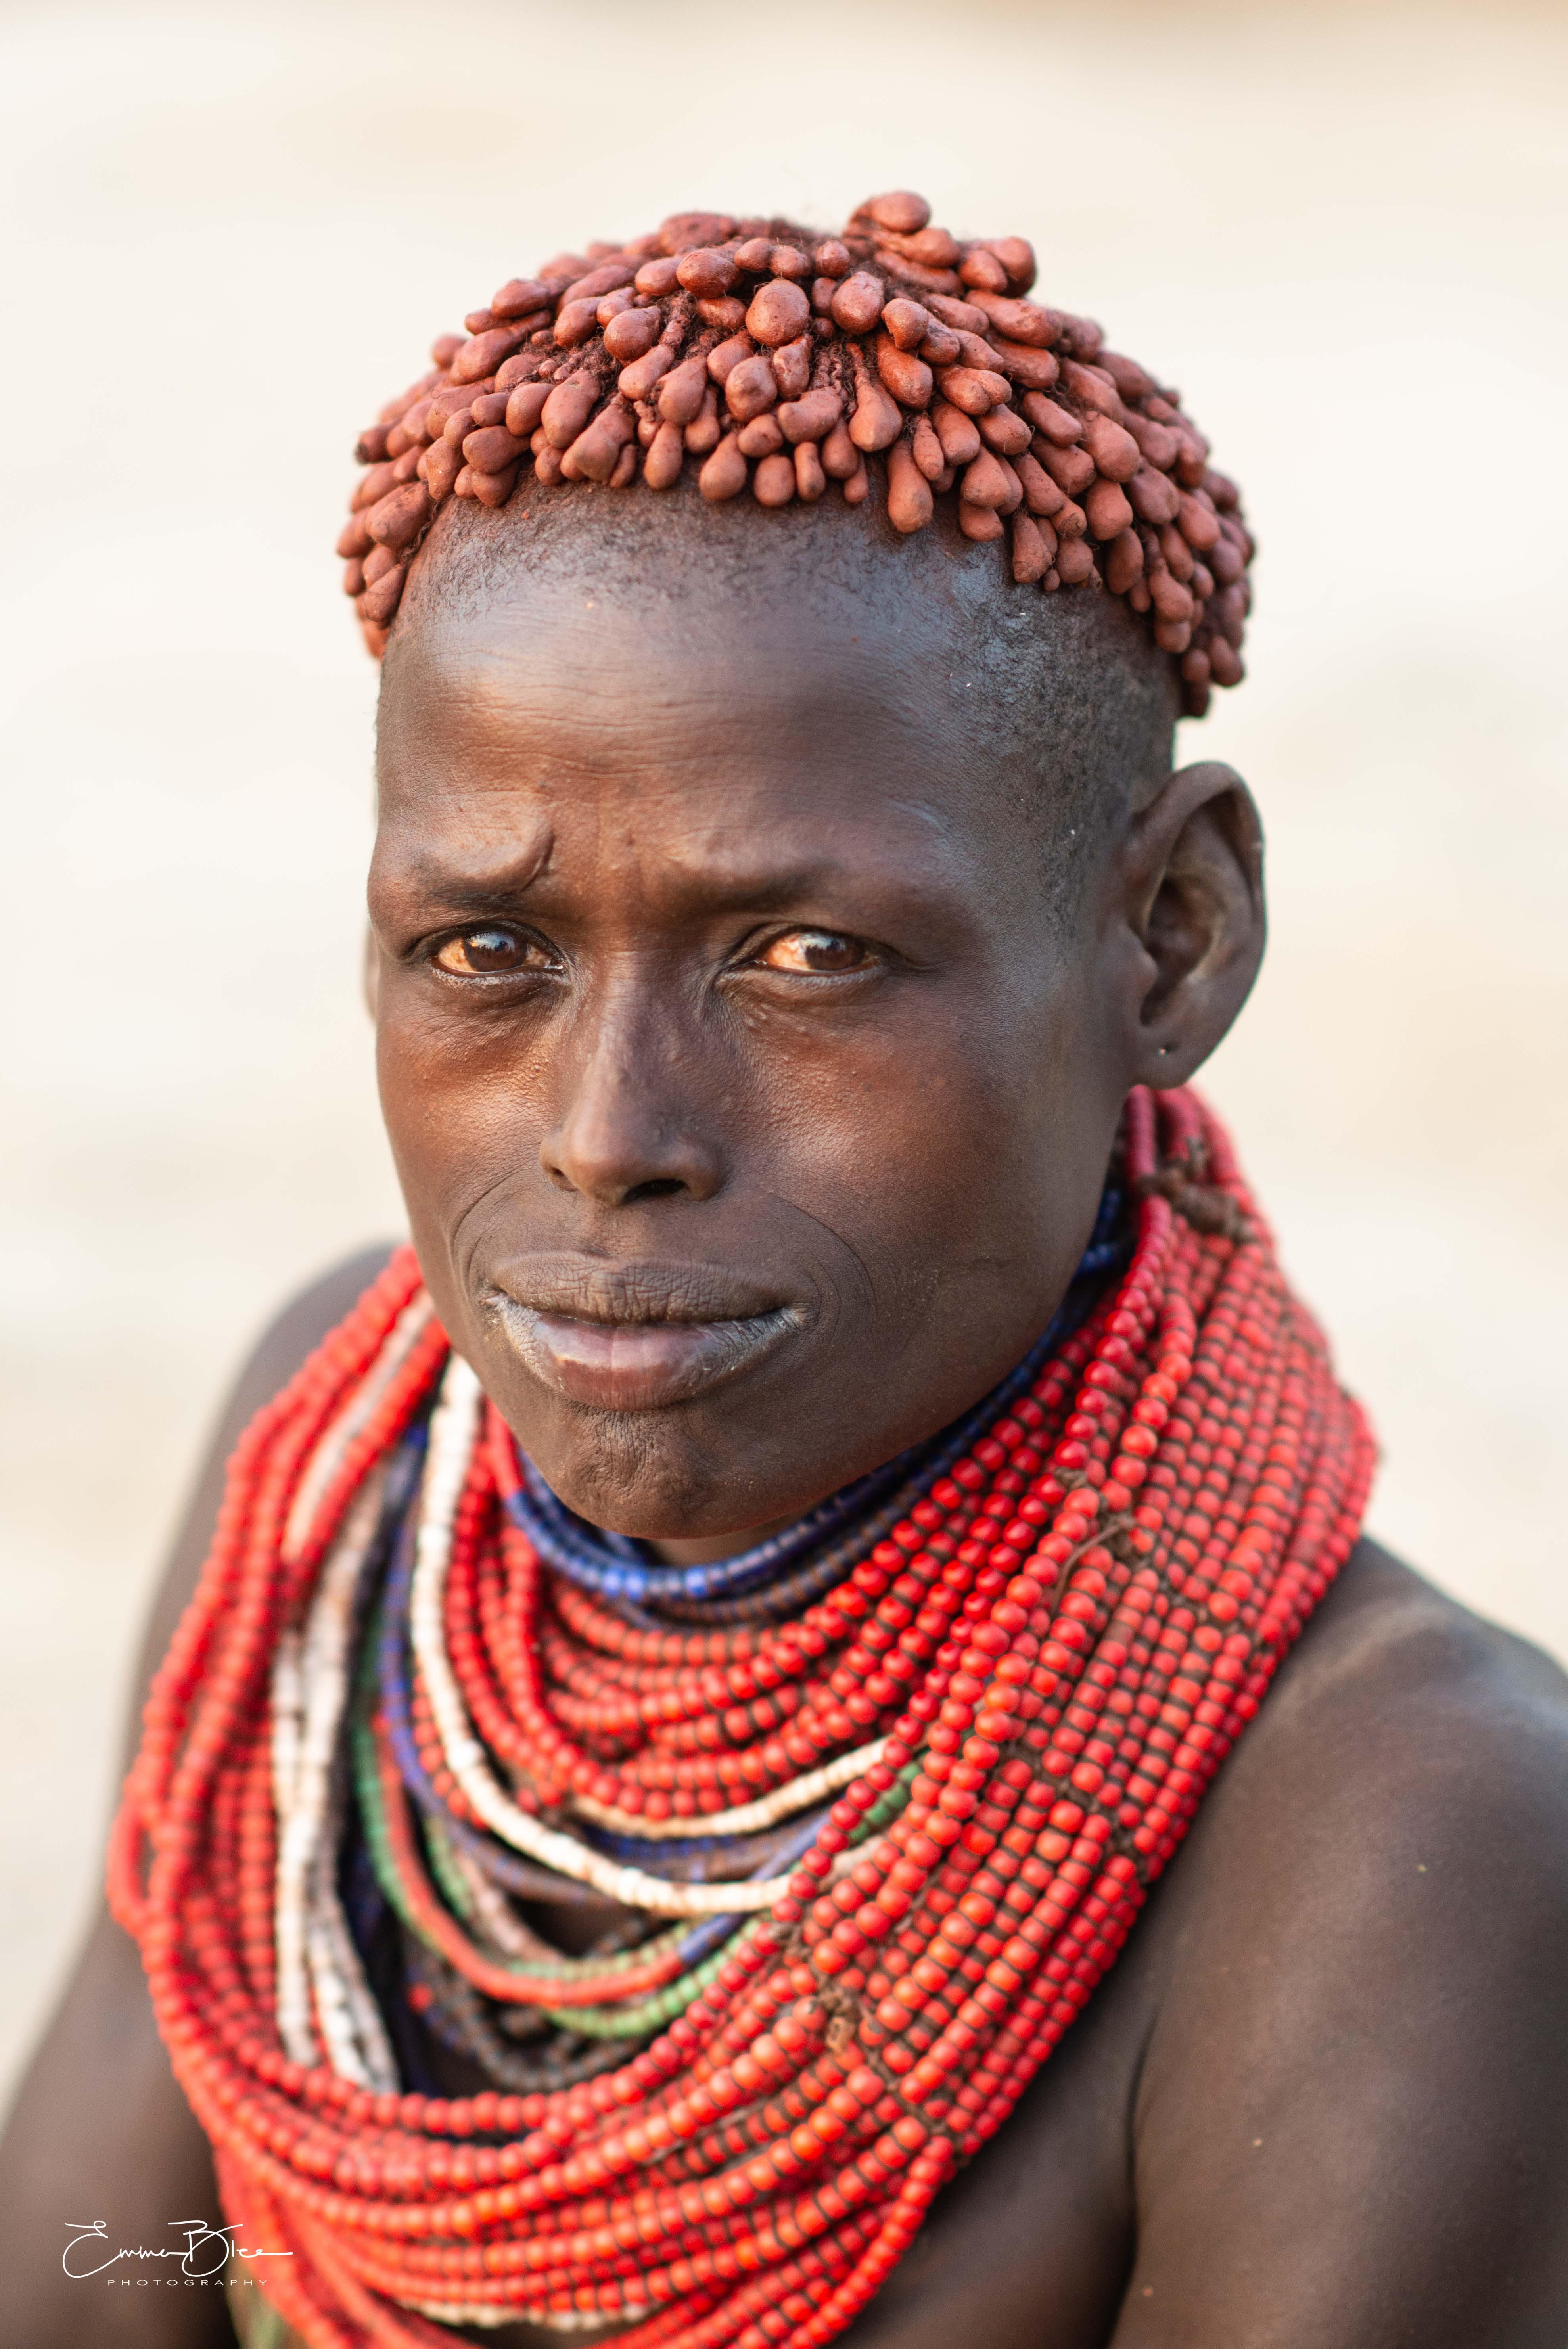 EB_20_01_12_Ethiopia_2943